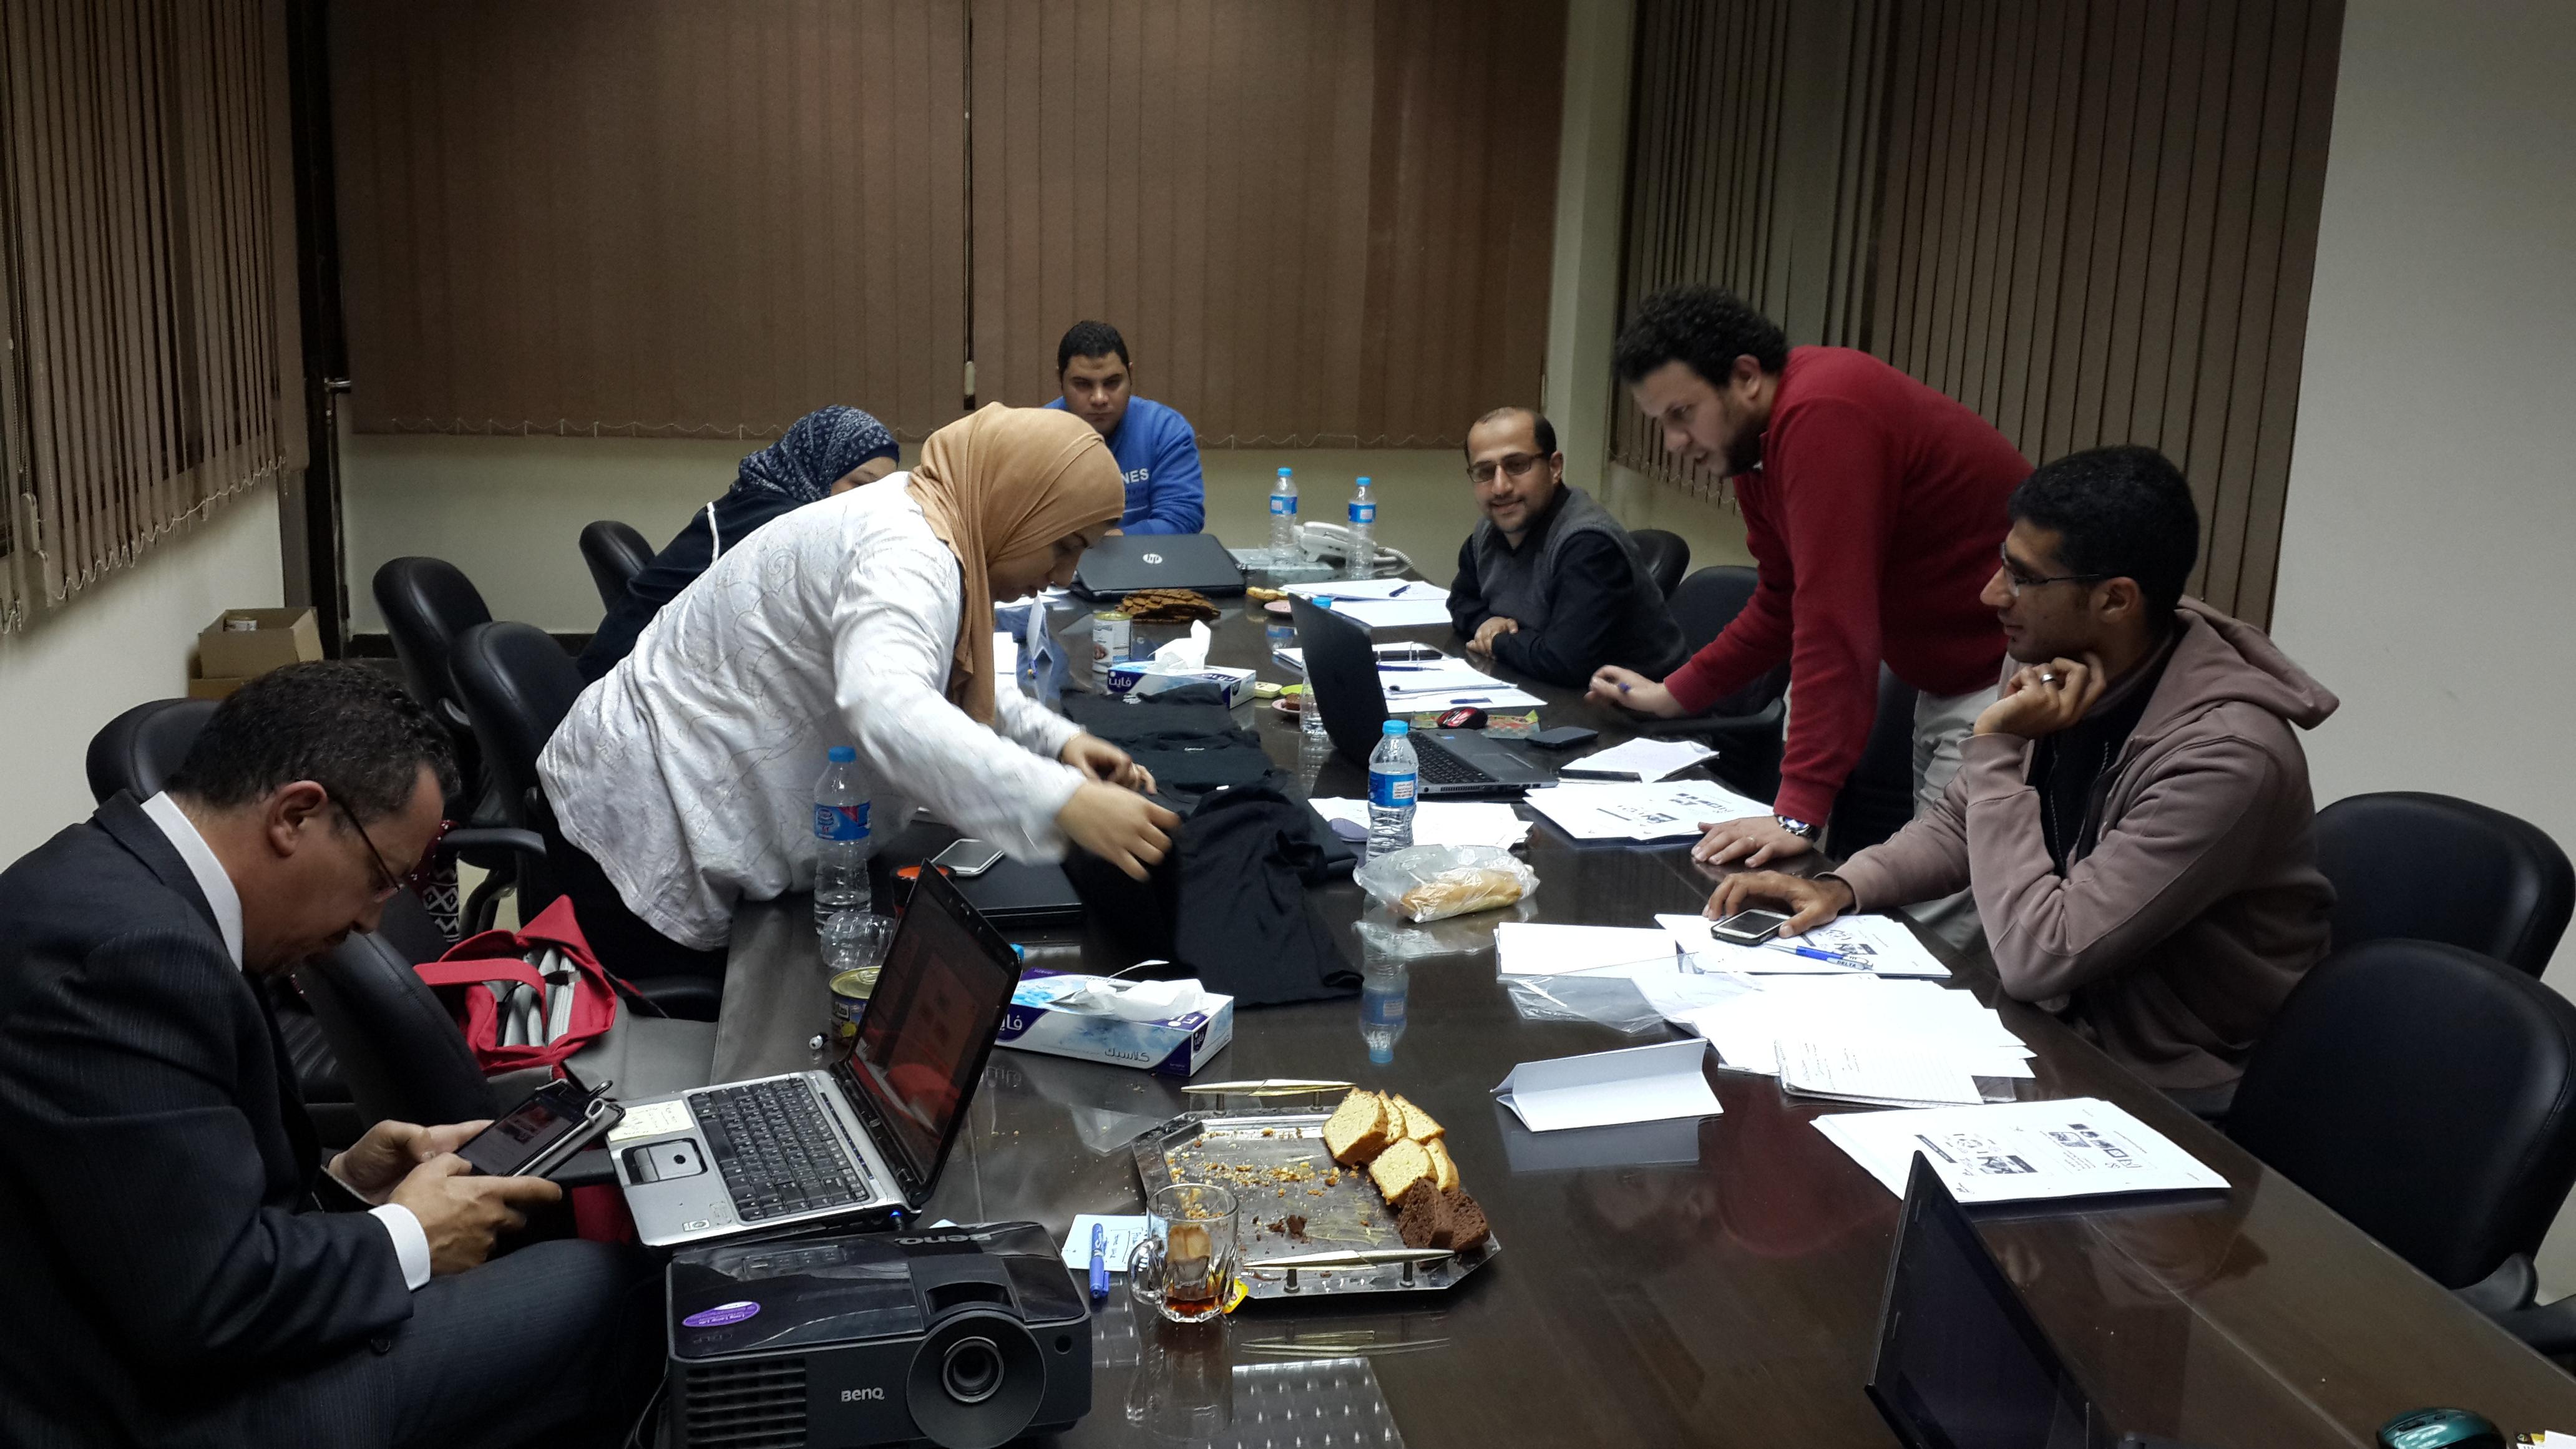 Excellence Center 20160320-006 Egypt.jpg